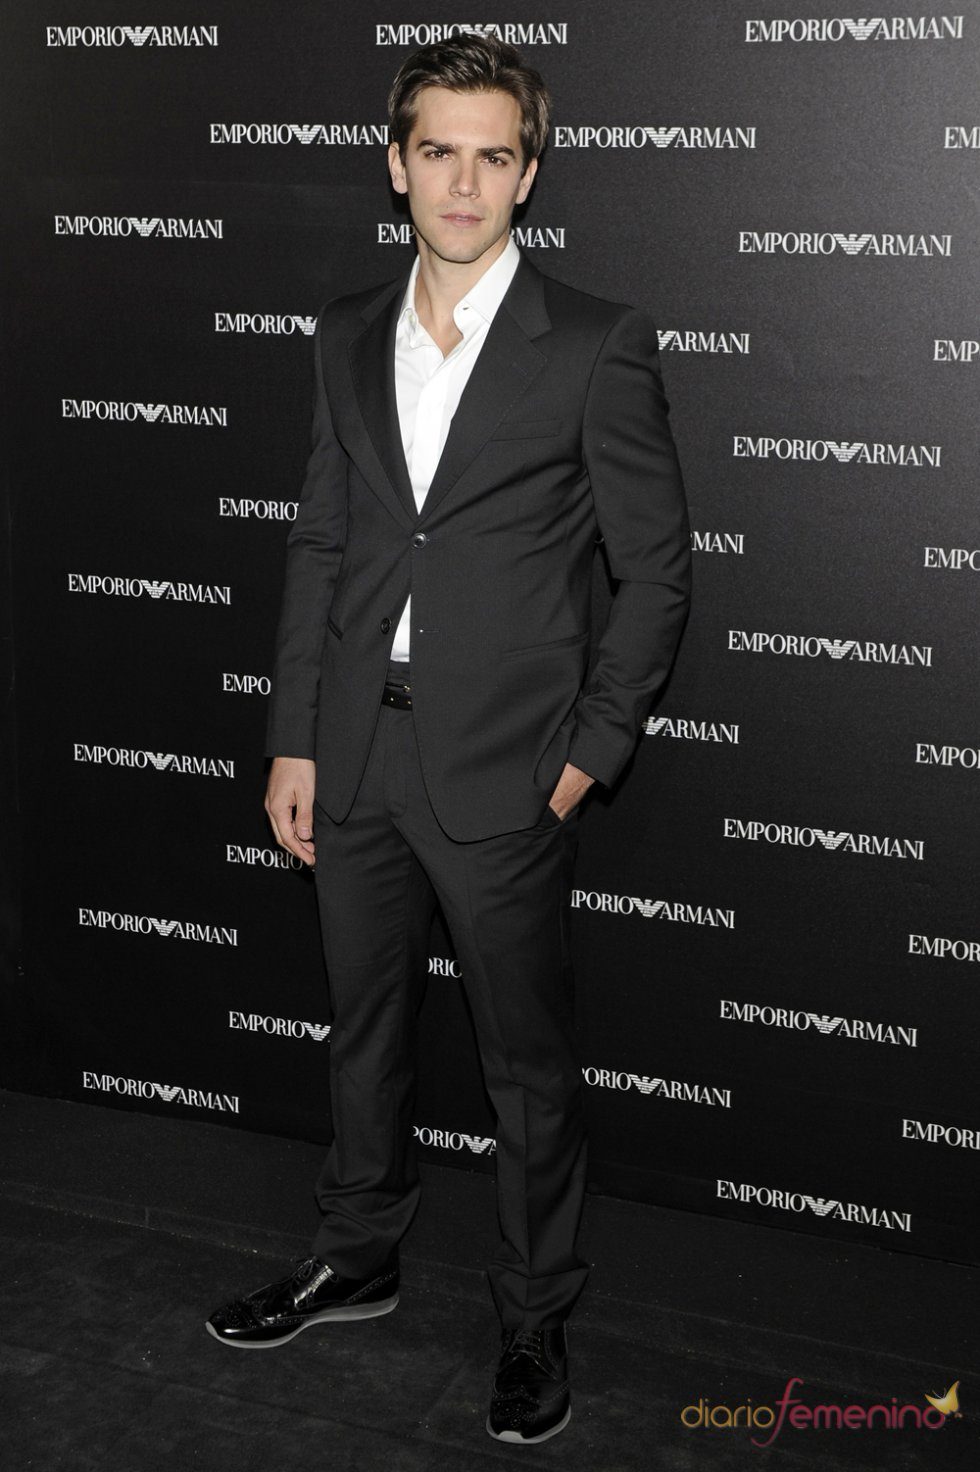 Marc Clotet en la inauguración de la tienda Emporio Armani en Madrid